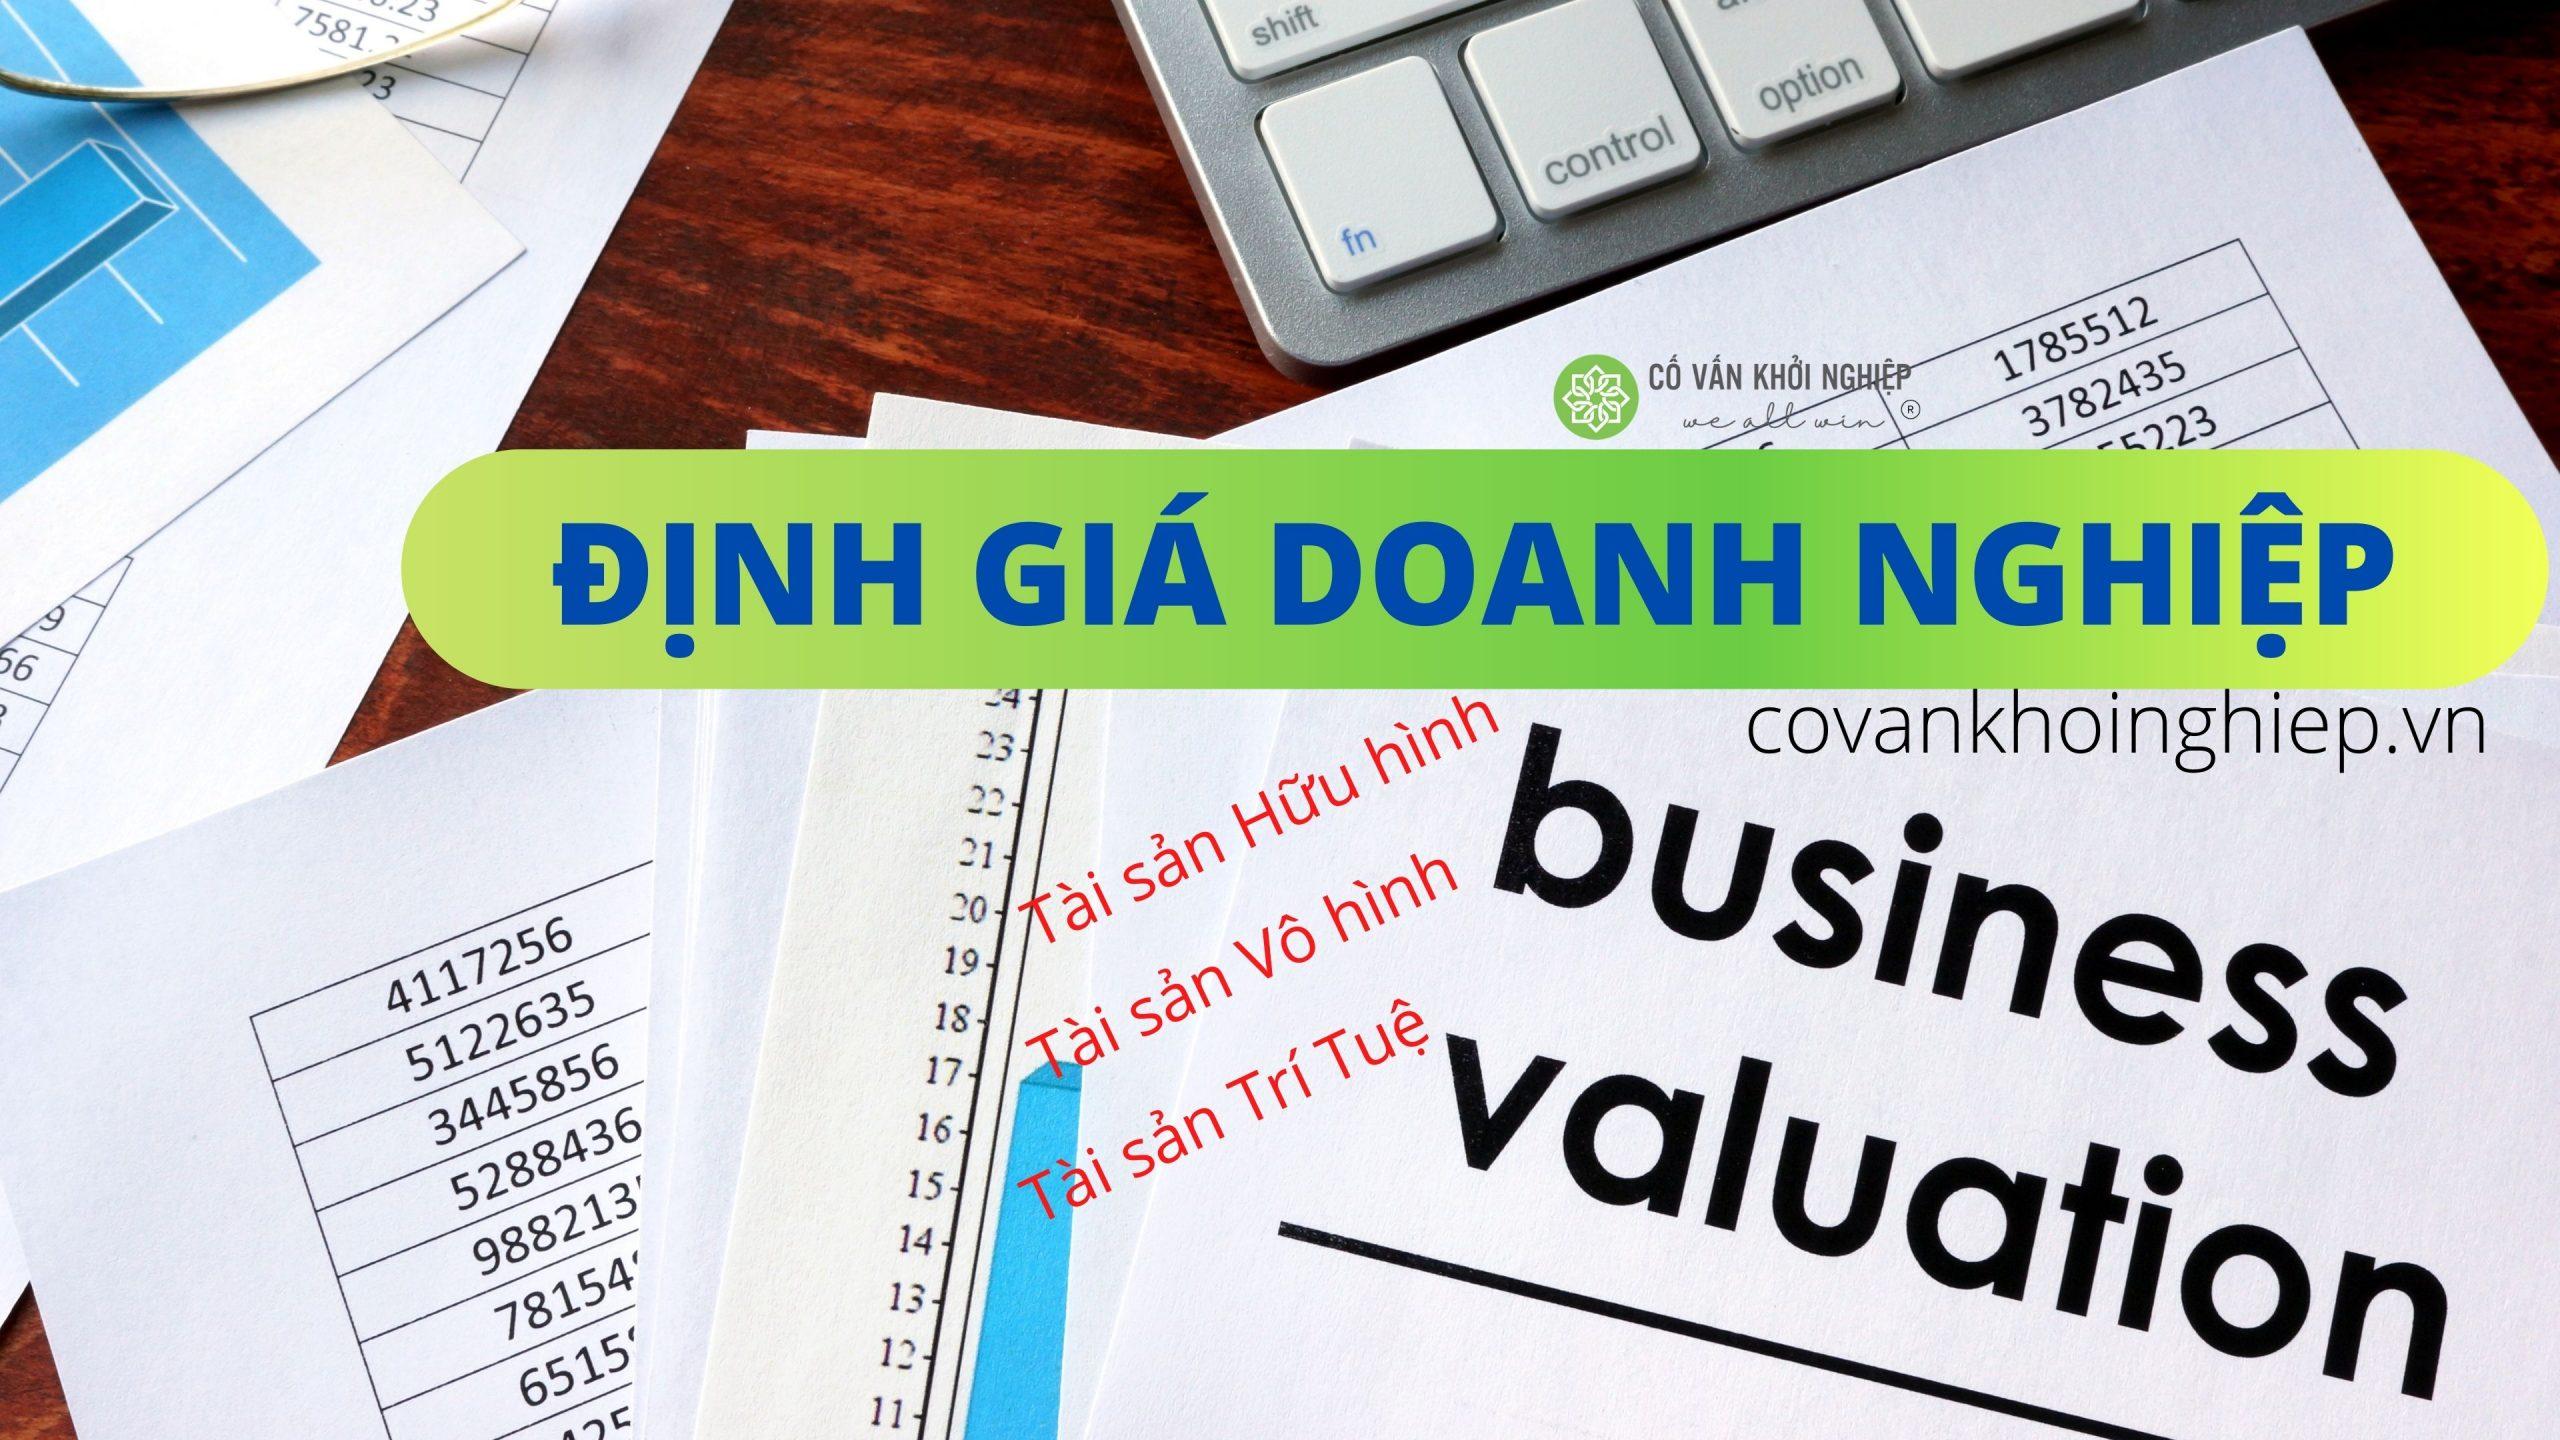 Dịch vụ Định giá Doanh nghiệp - covankhoinghiep.vn